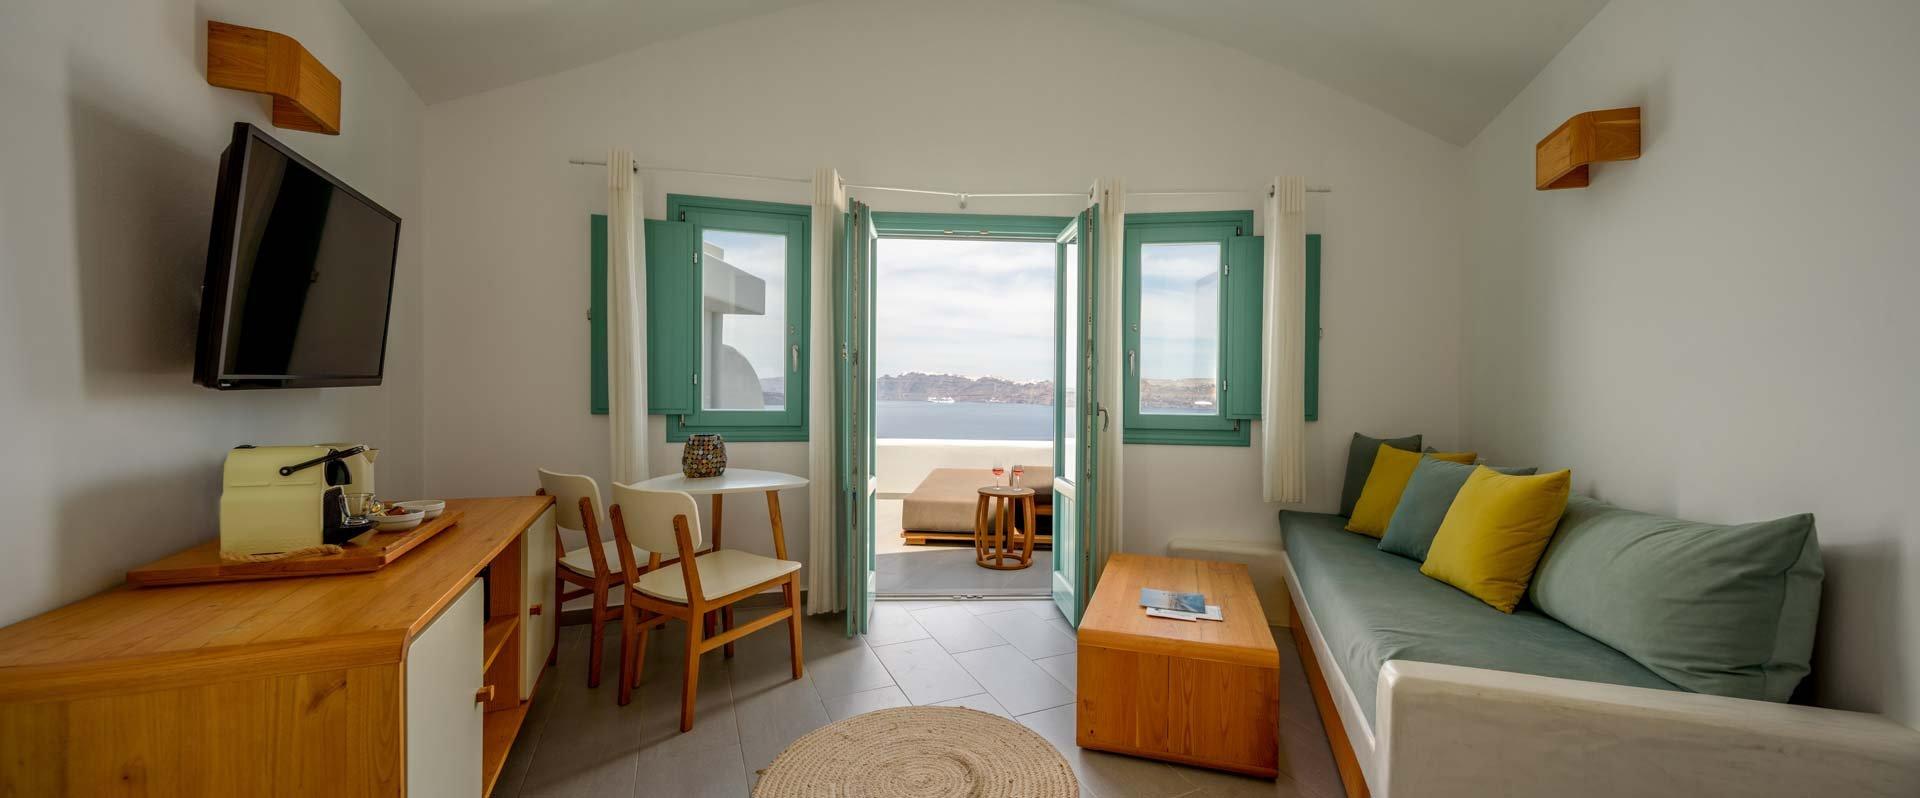 Premium Spa Suite - Living Room